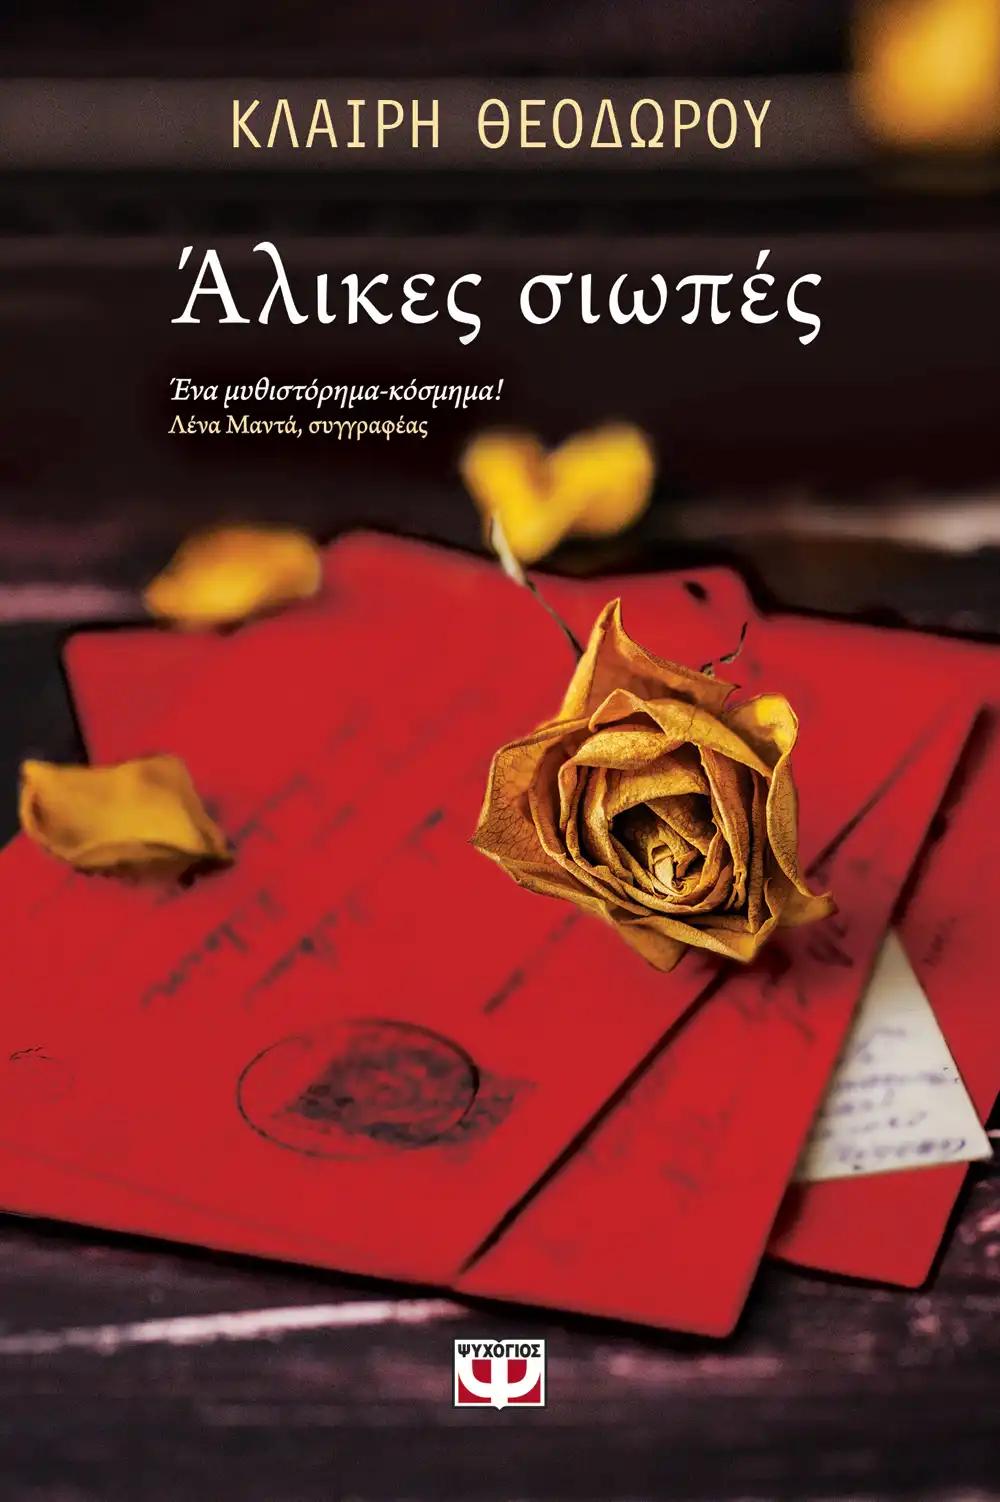 «Άλικες σιωπές», η απόλυτη ιστορία αγάπης - Η συγγραφέας Κλαίρη Θεοδώρου μας μυεί στον «τρελό» έρωτα